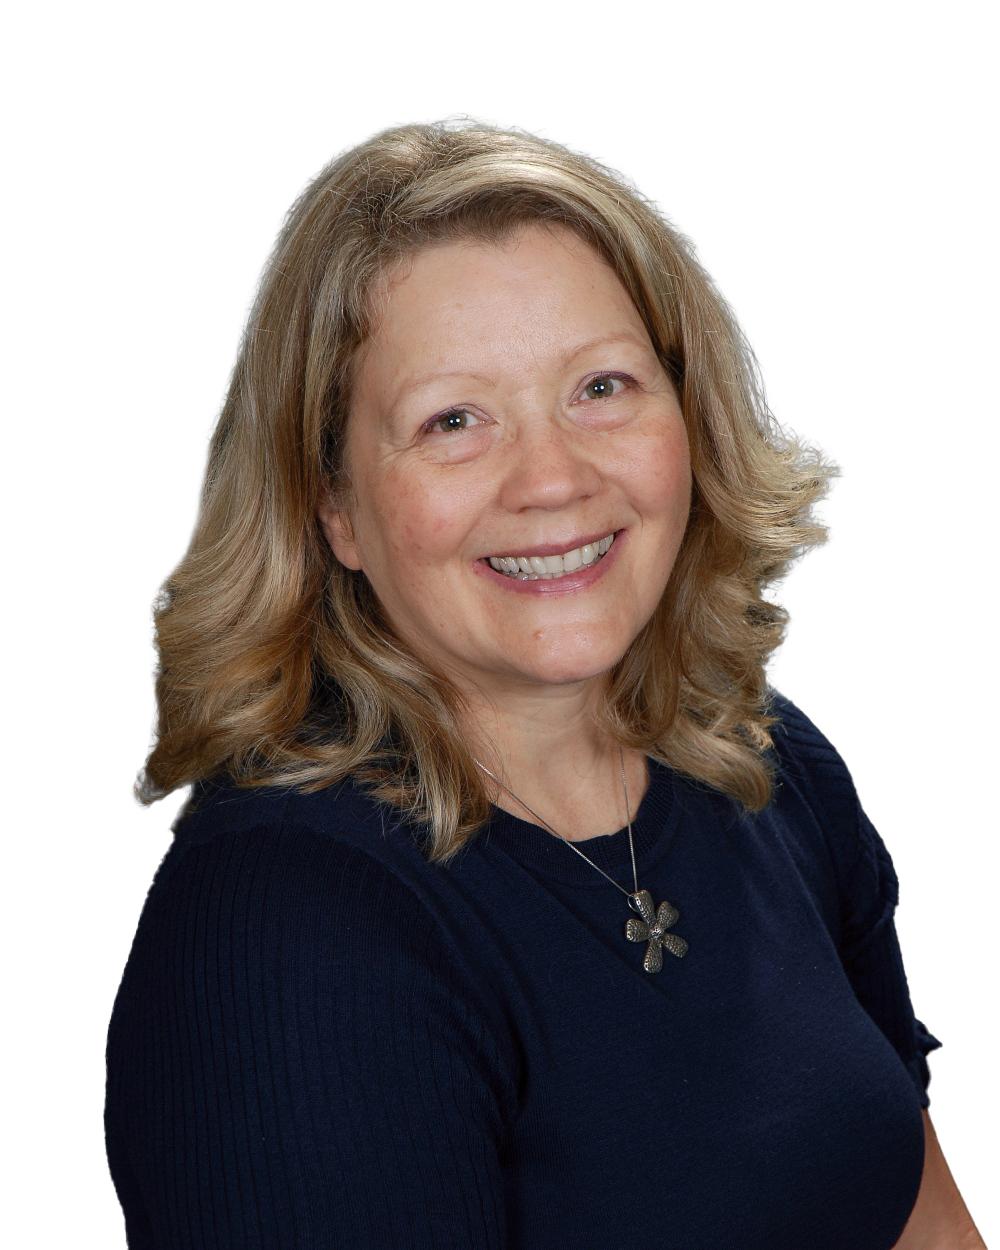 Lori Amos